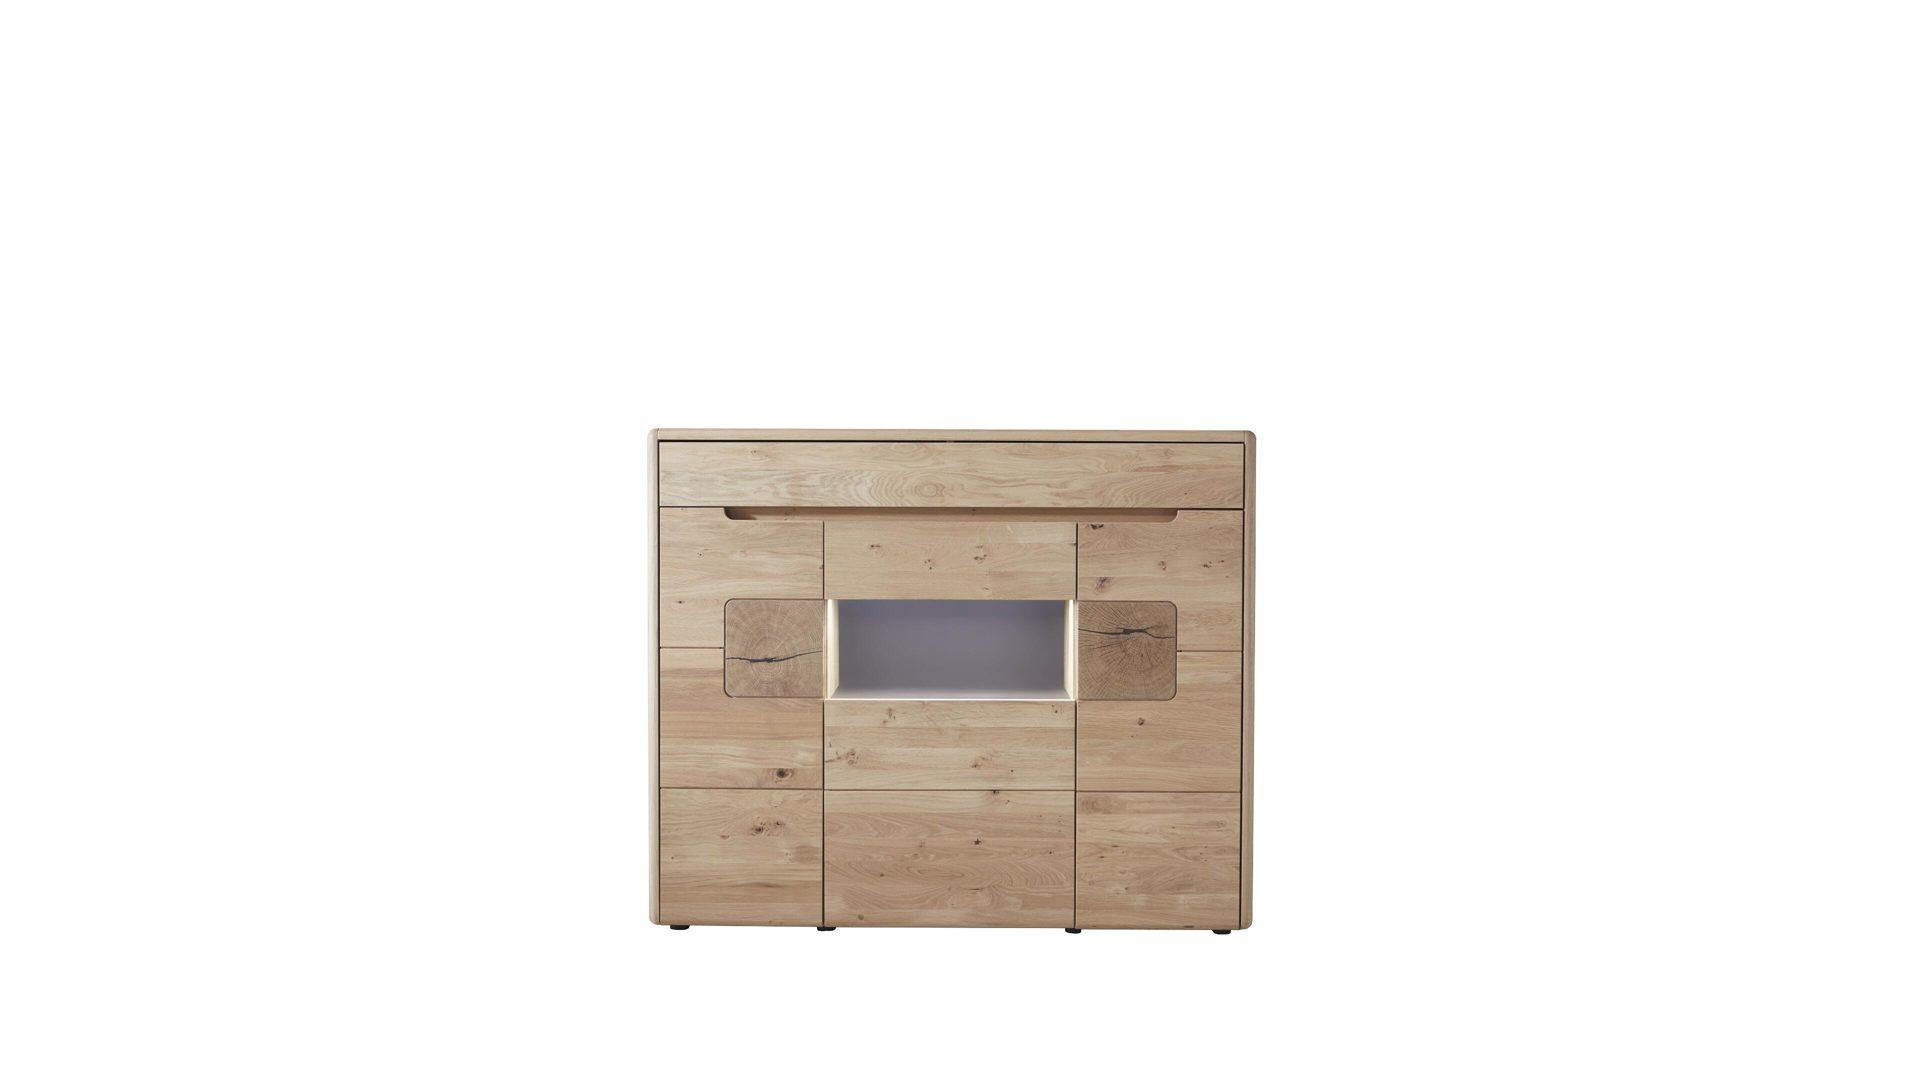 Möbel Bohn Crailsheim Räume Esszimmer Kommoden Sideboards